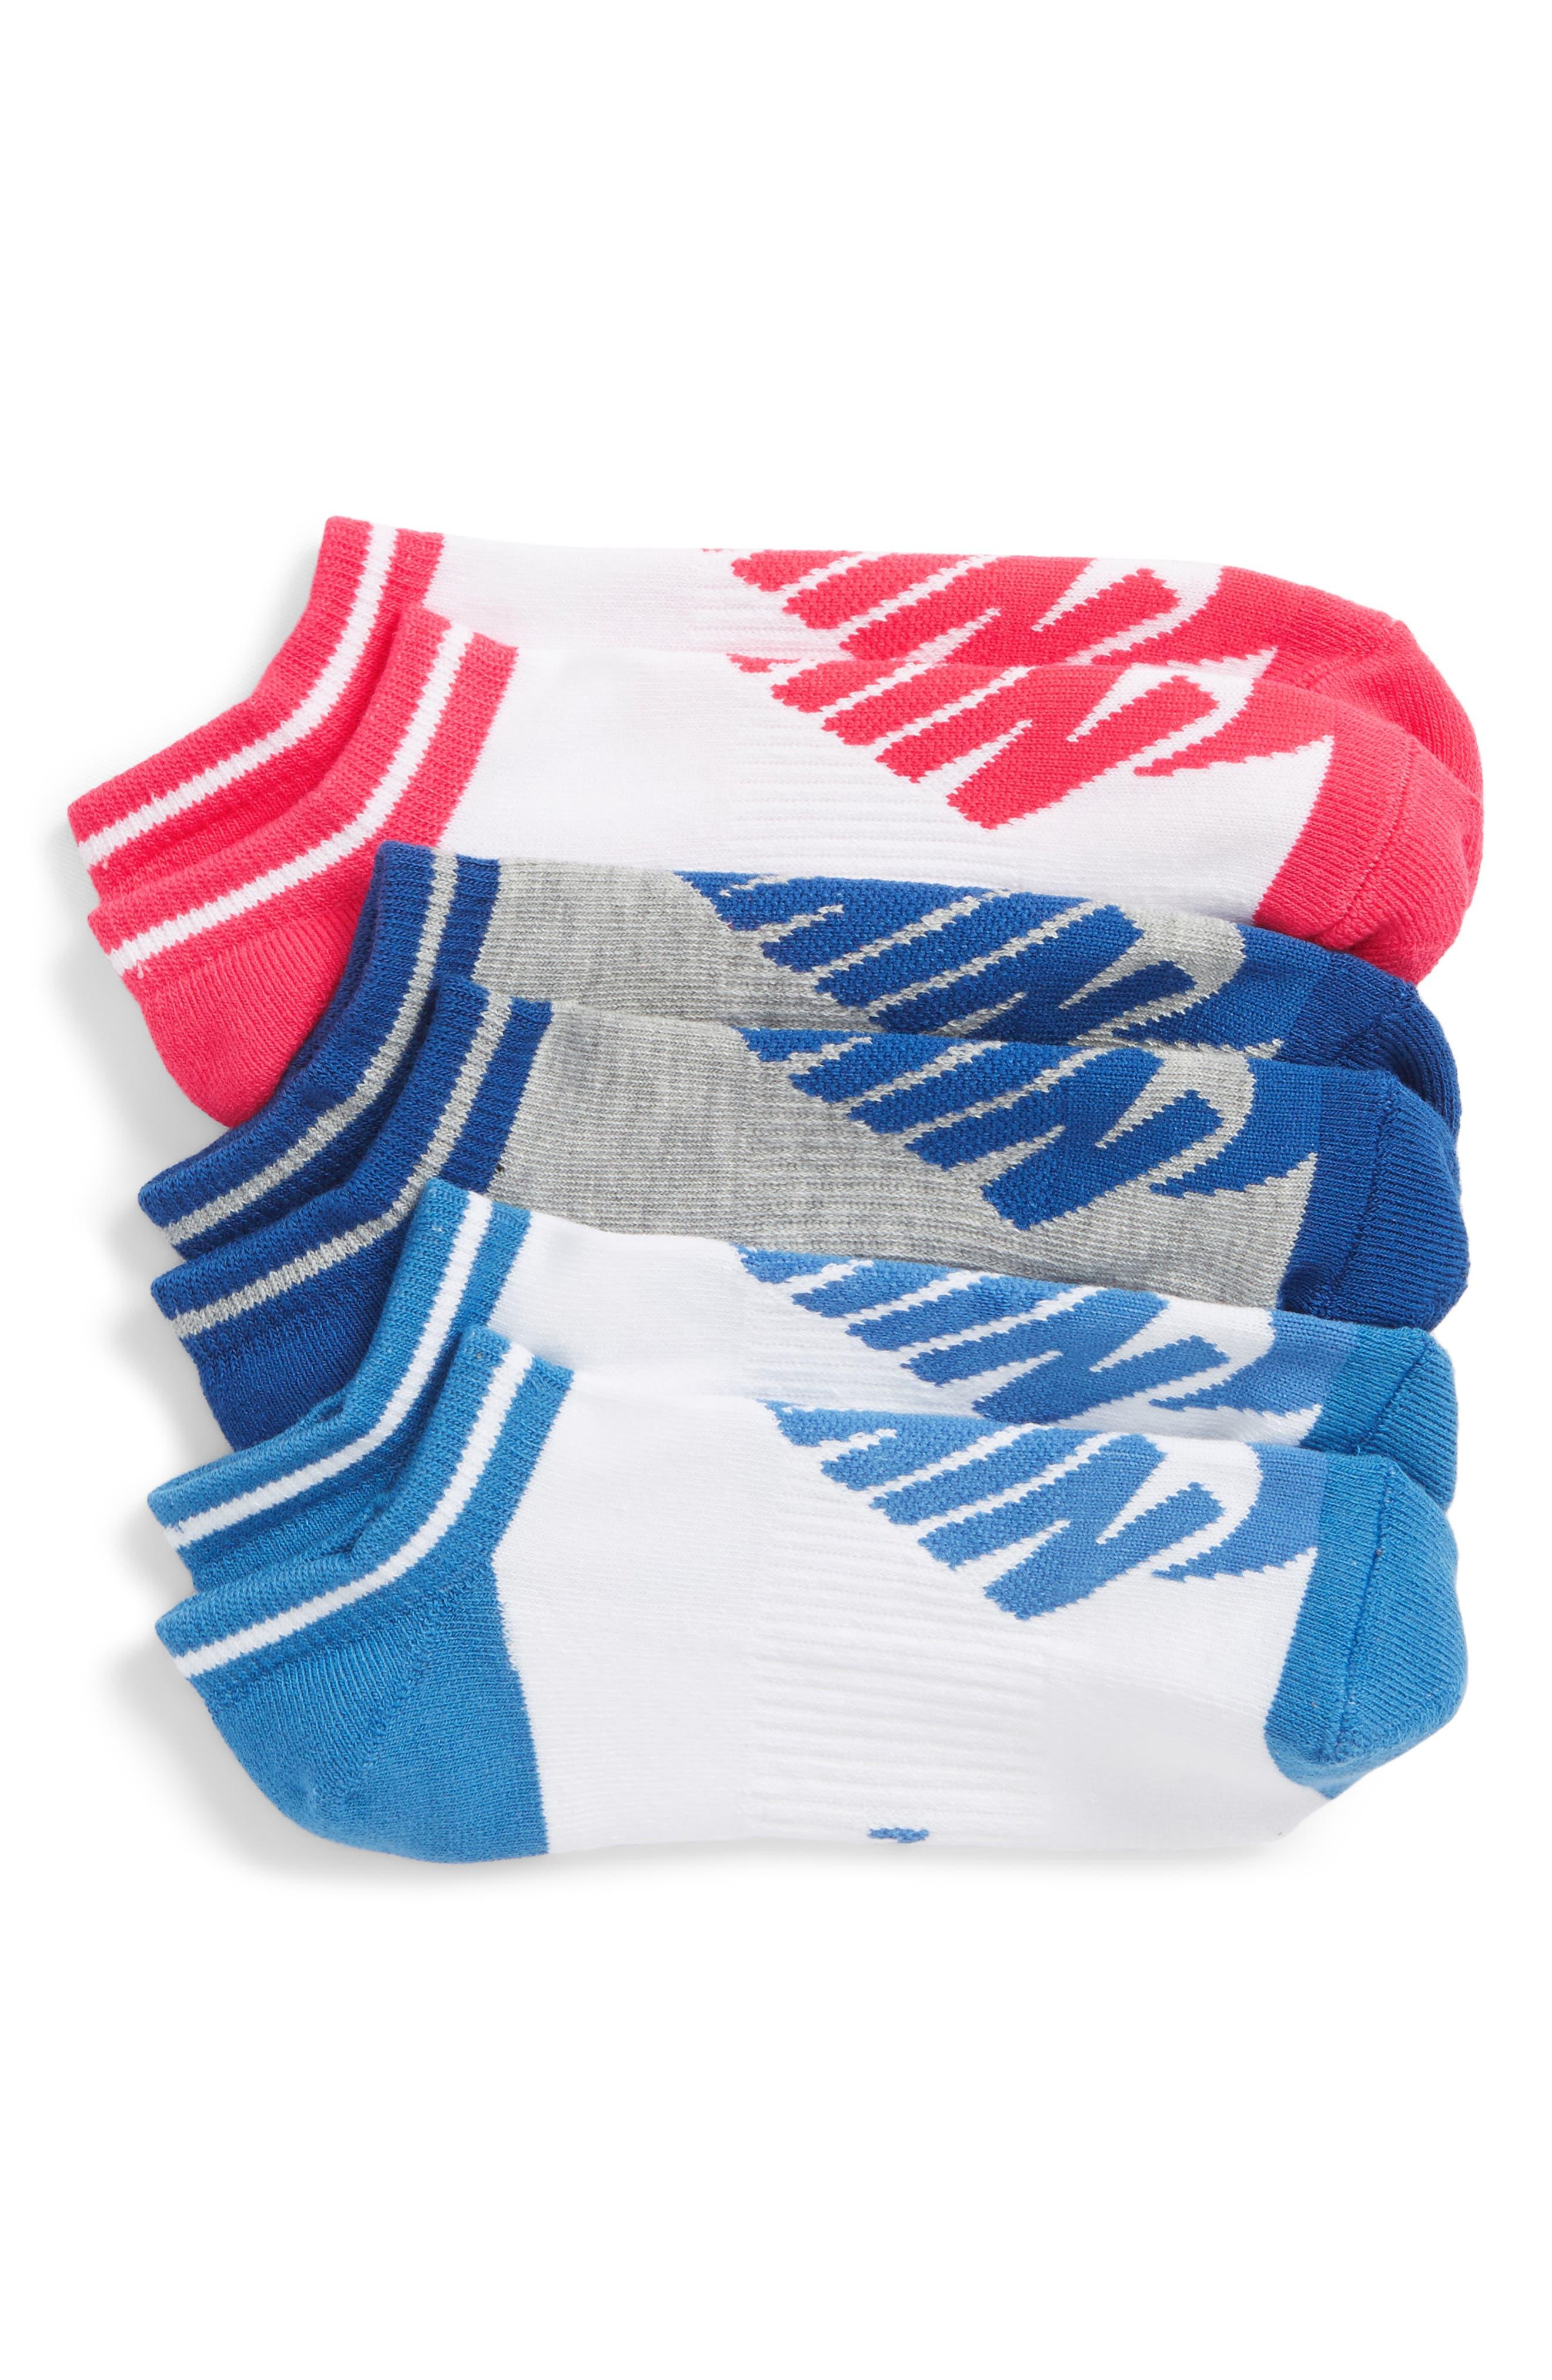 Stripe 3-Pack No-Show Socks,                             Main thumbnail 1, color,                             Blue Multi